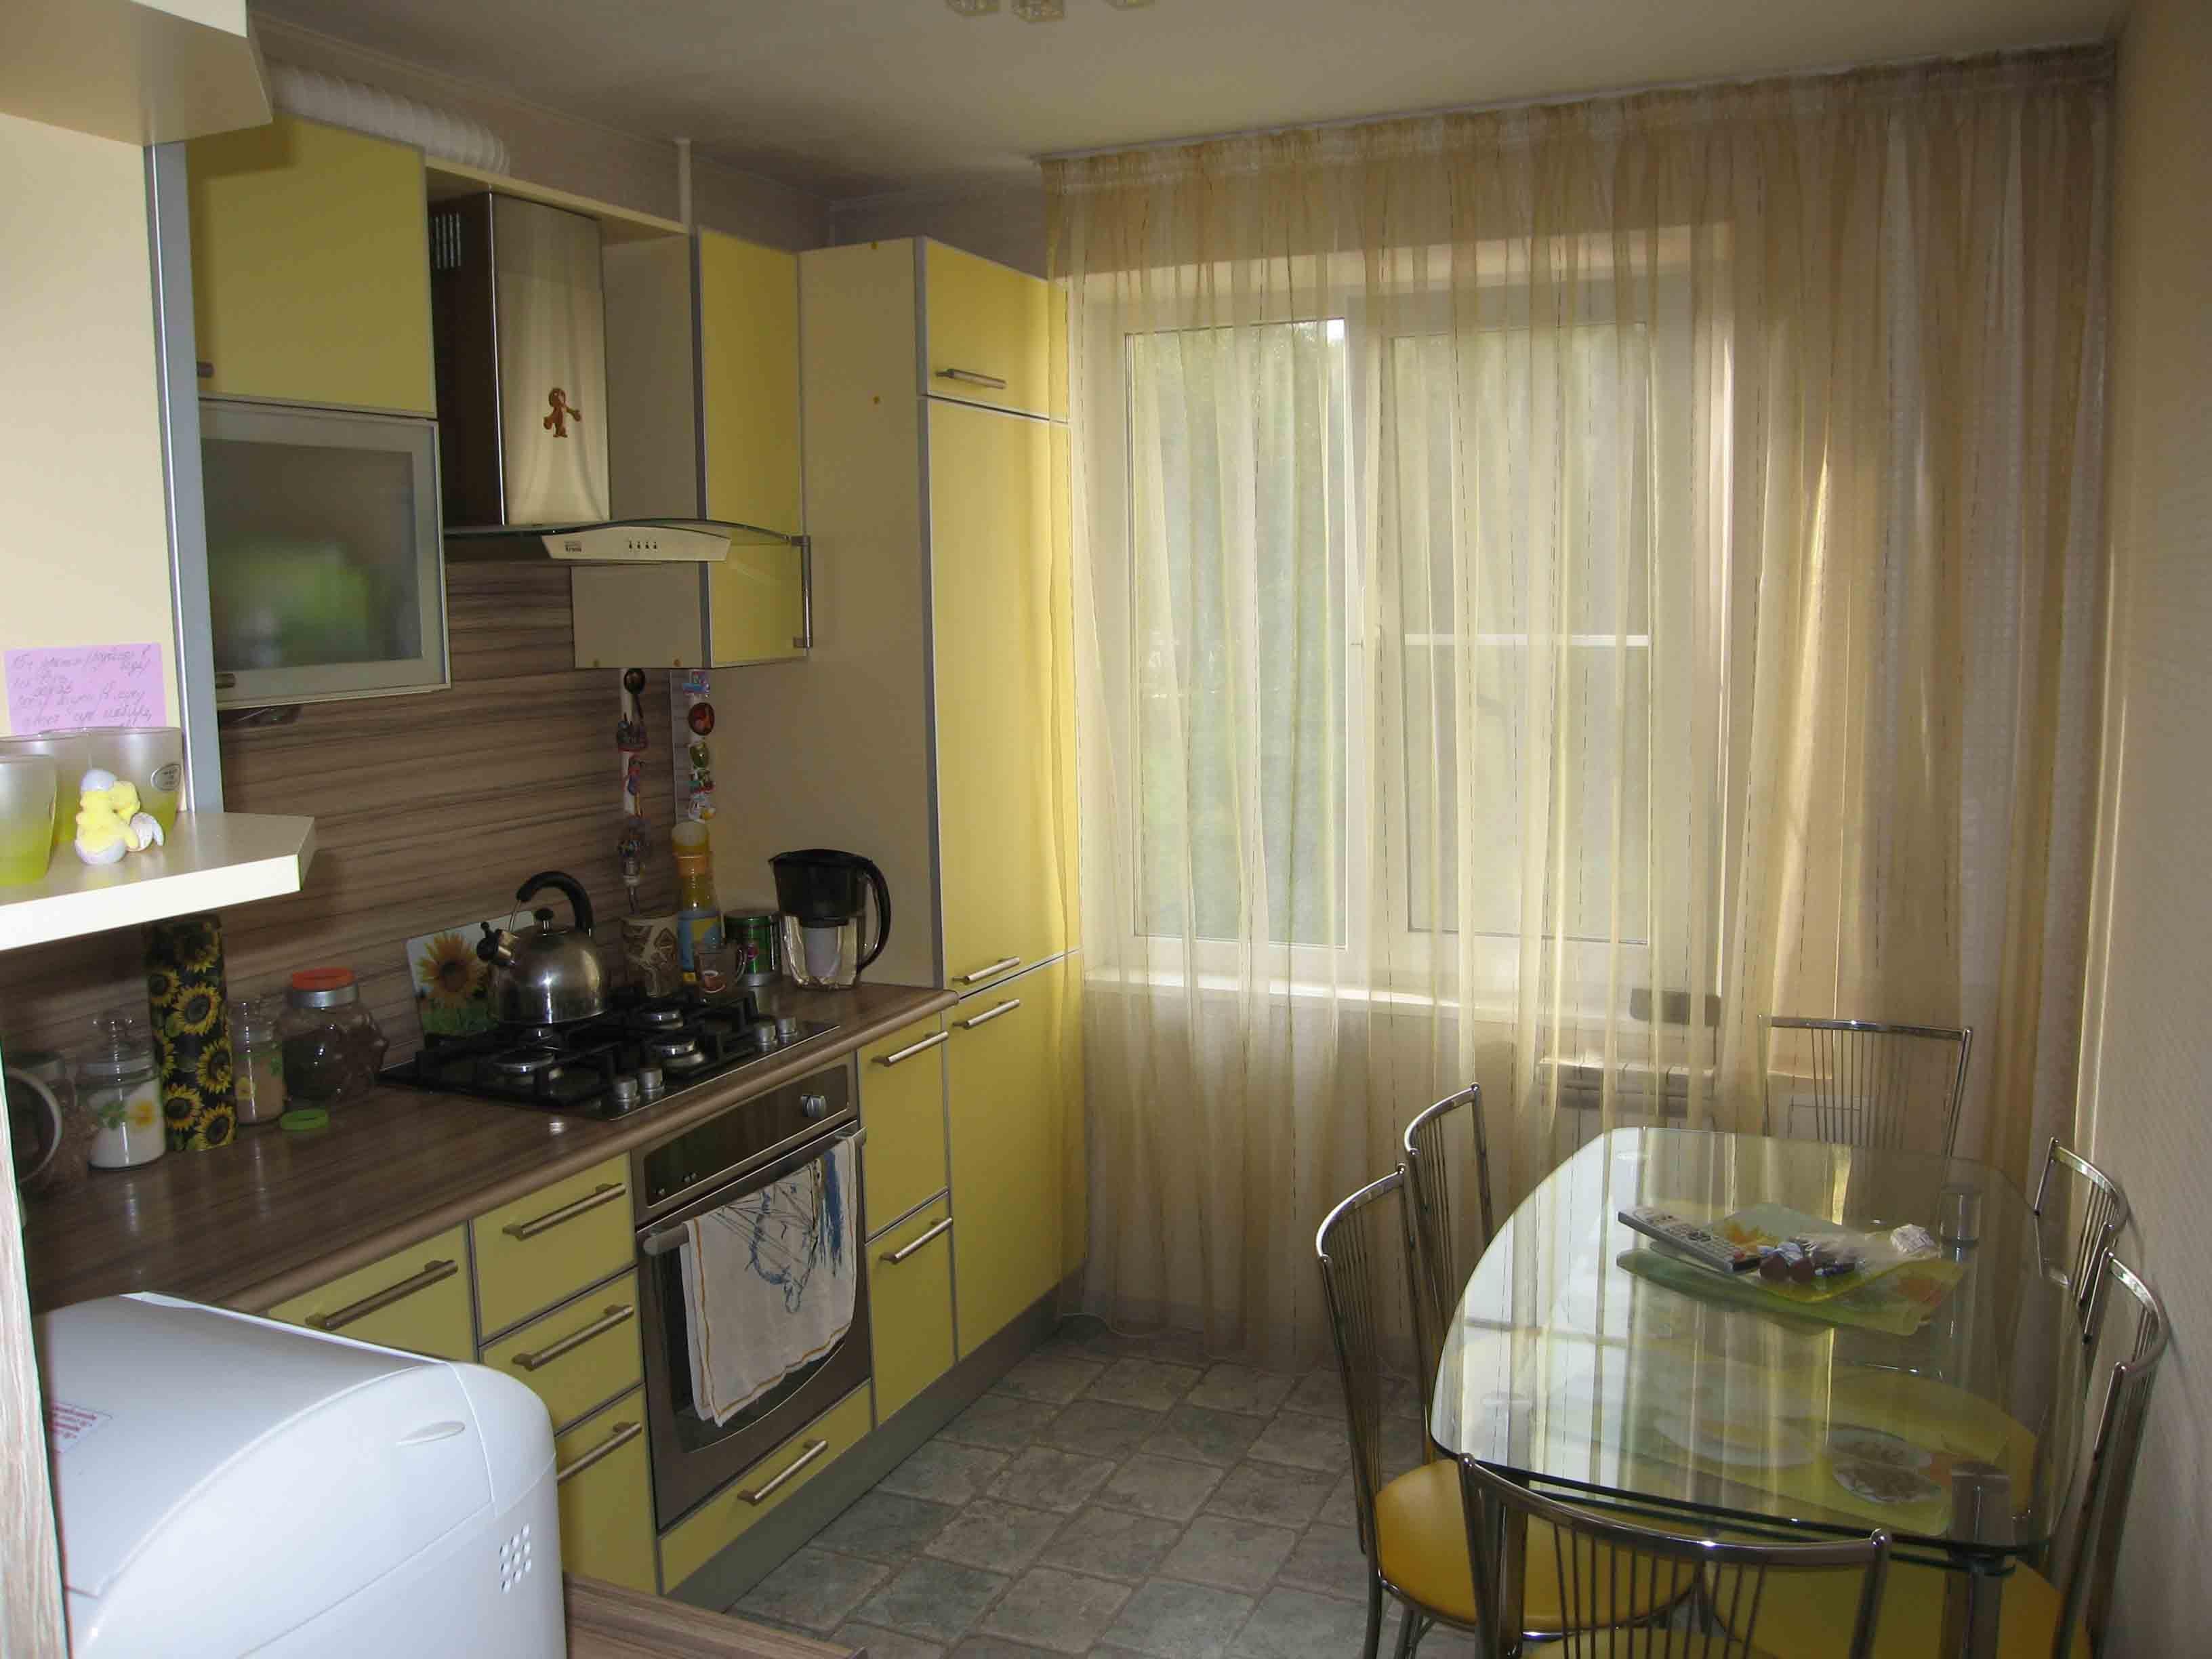 Светлая кухня: современный интерьер в светлых тонах.